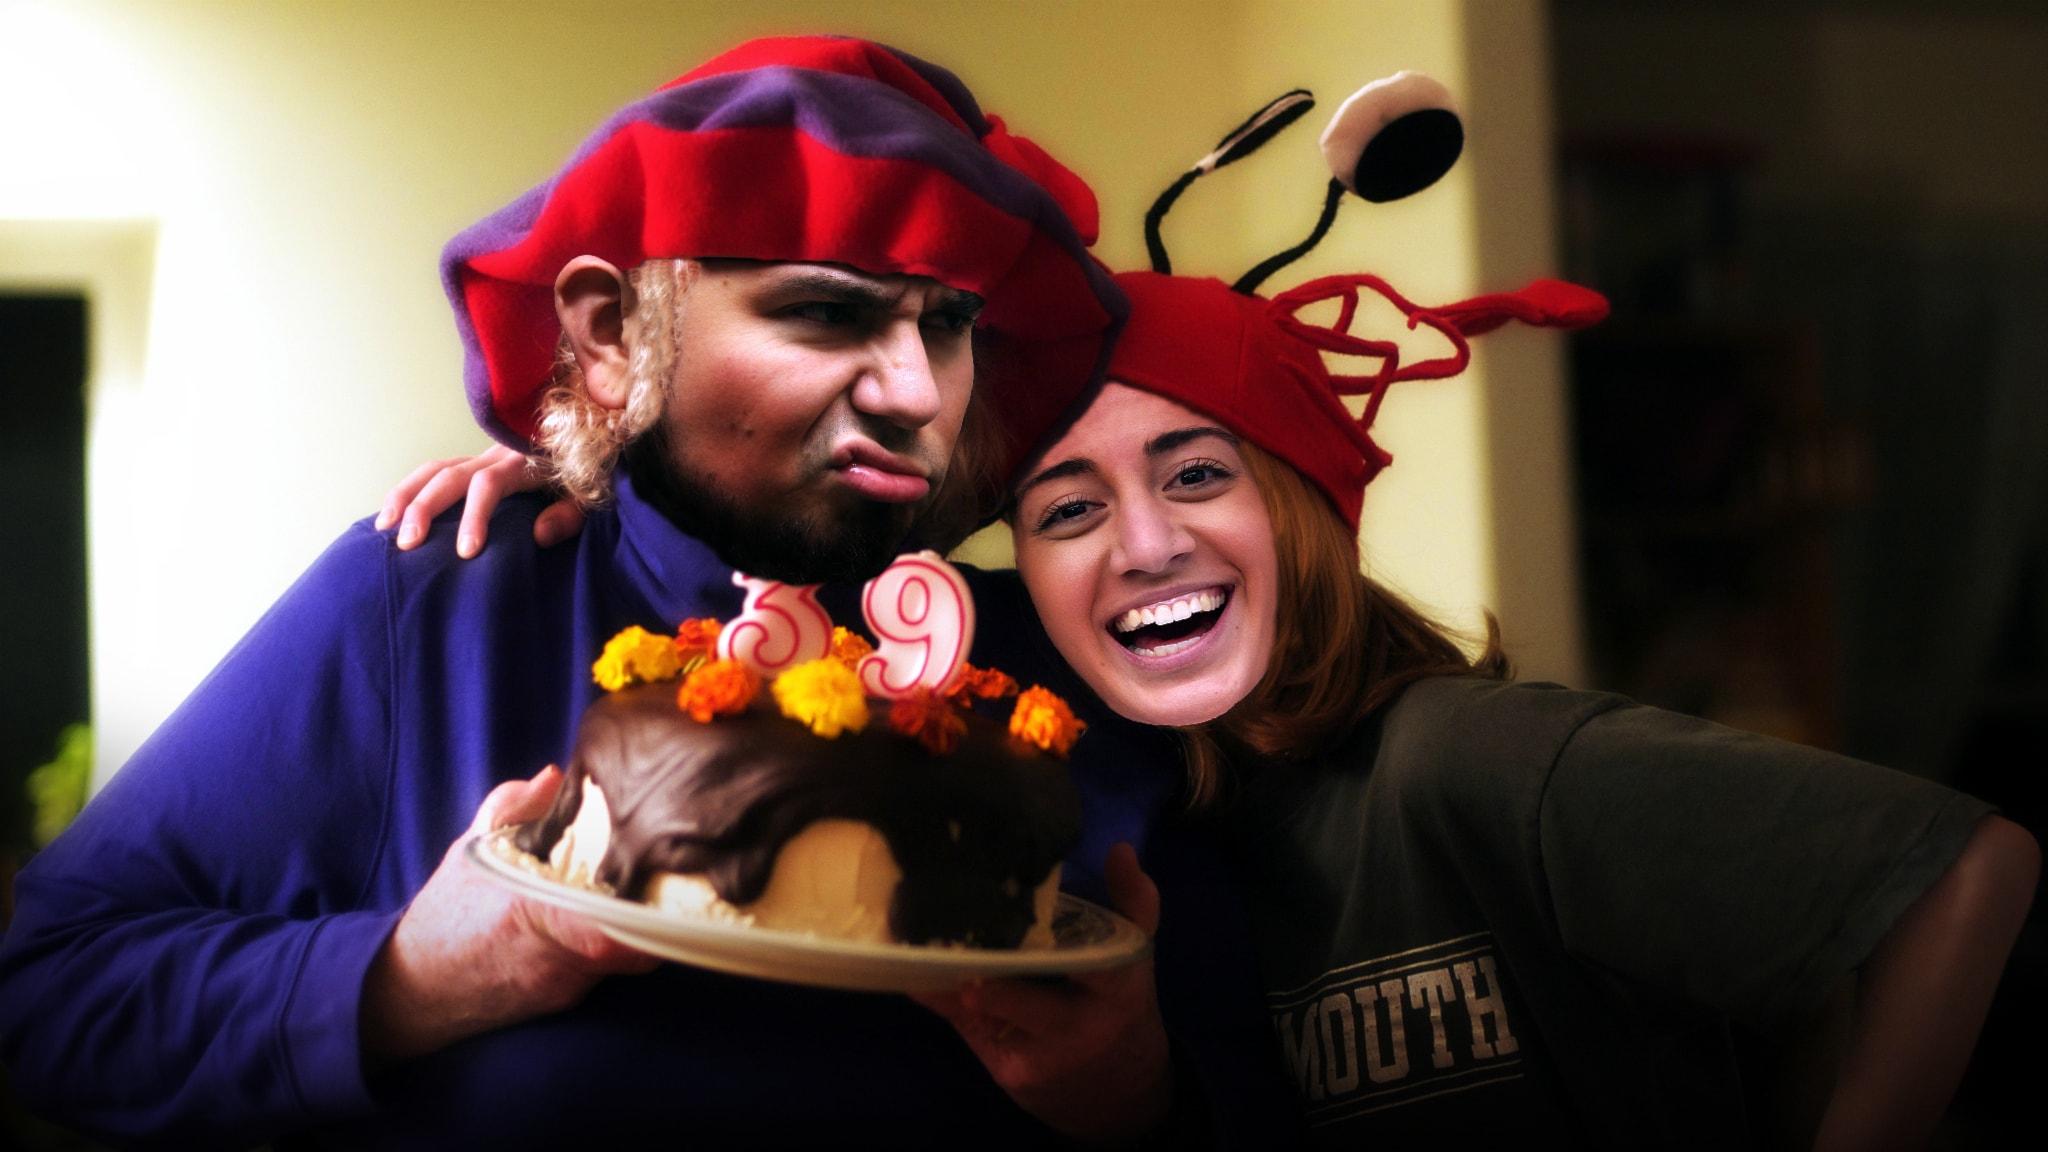 Suzi firar Juan, men han är inte så pigg på att bli 39 år gammal. Foto: SR och Tim Pierce/Flickr/CC BY 2.0